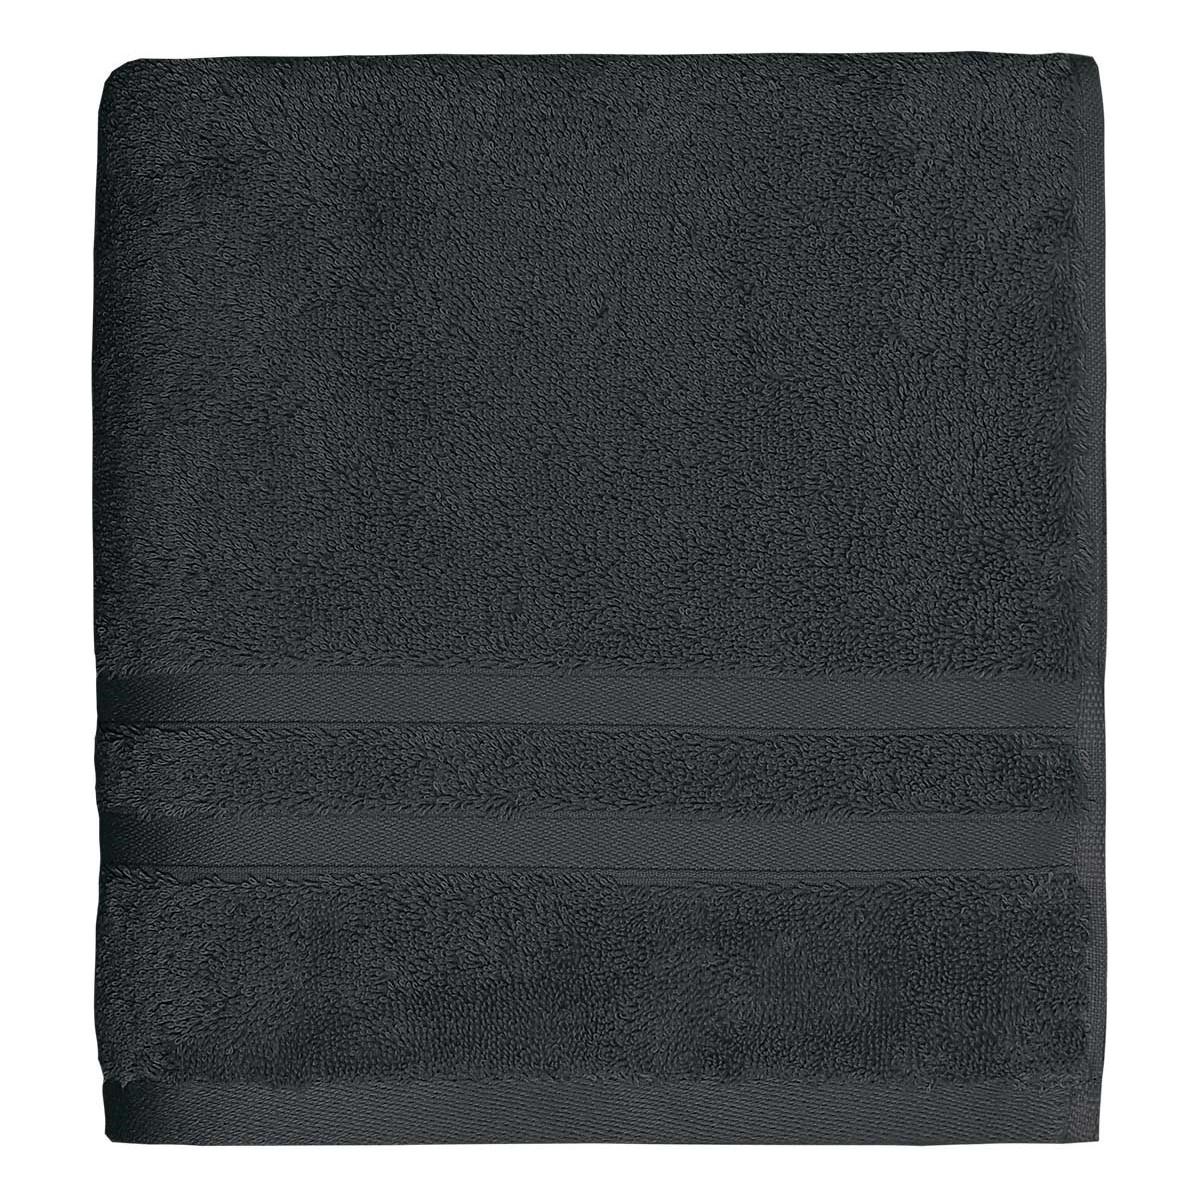 Drap de bain 600gr/m² Anthracite 70x140 cm